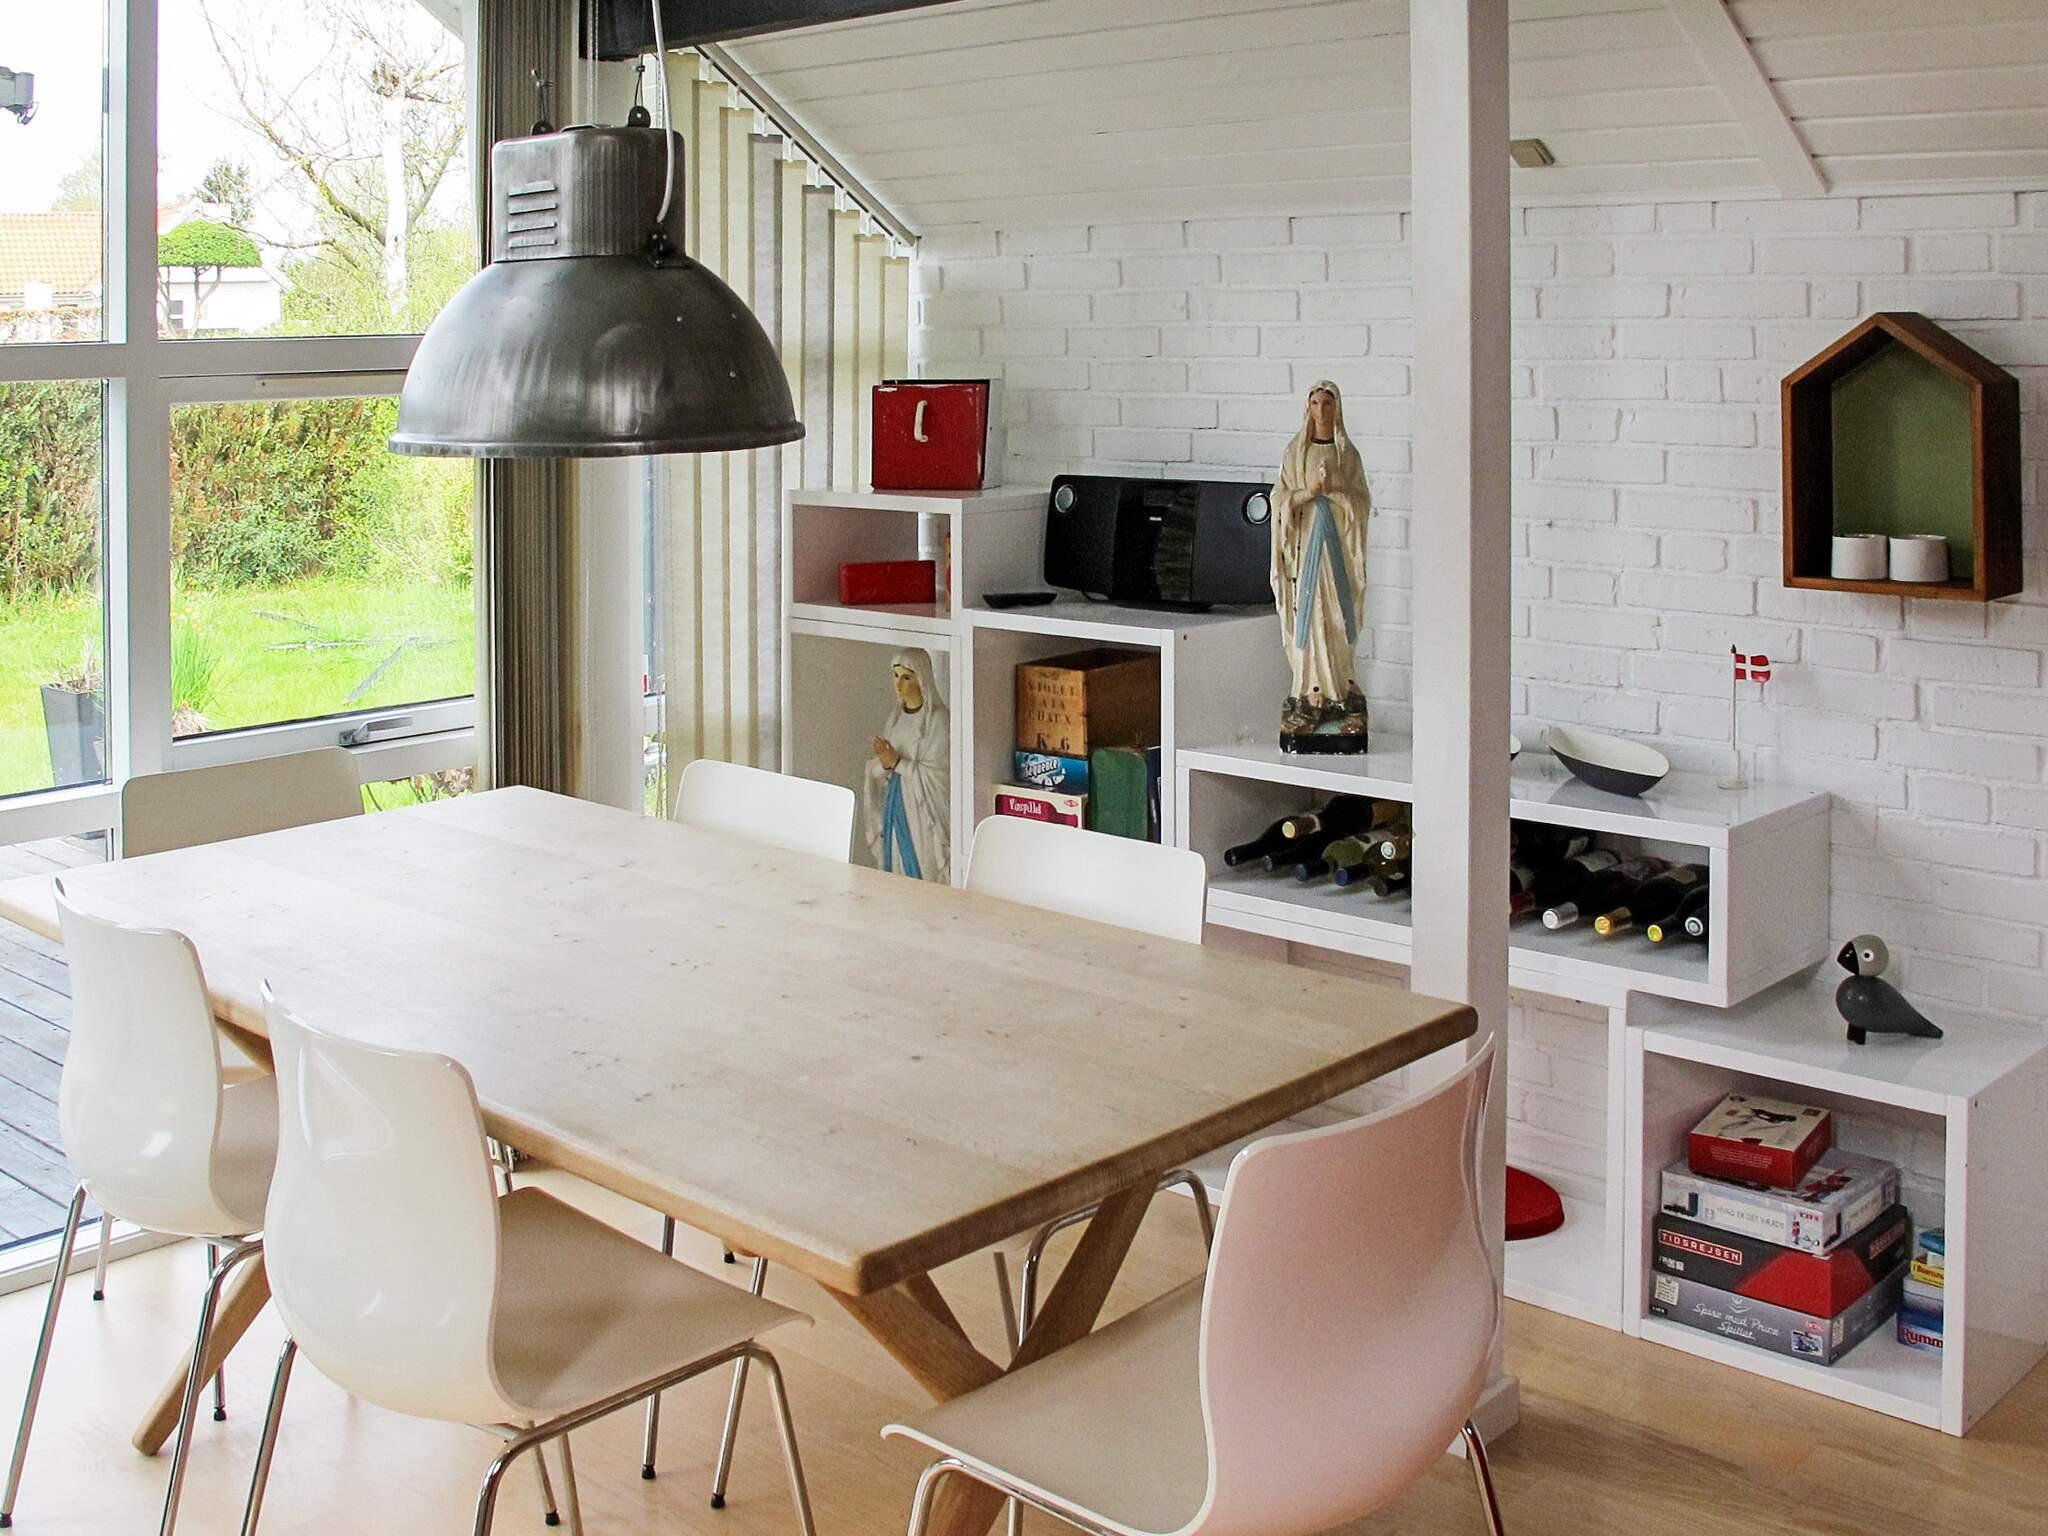 Ferienhaus Enø (2614348), Karrebæksminde, , Südseeland, Dänemark, Bild 5